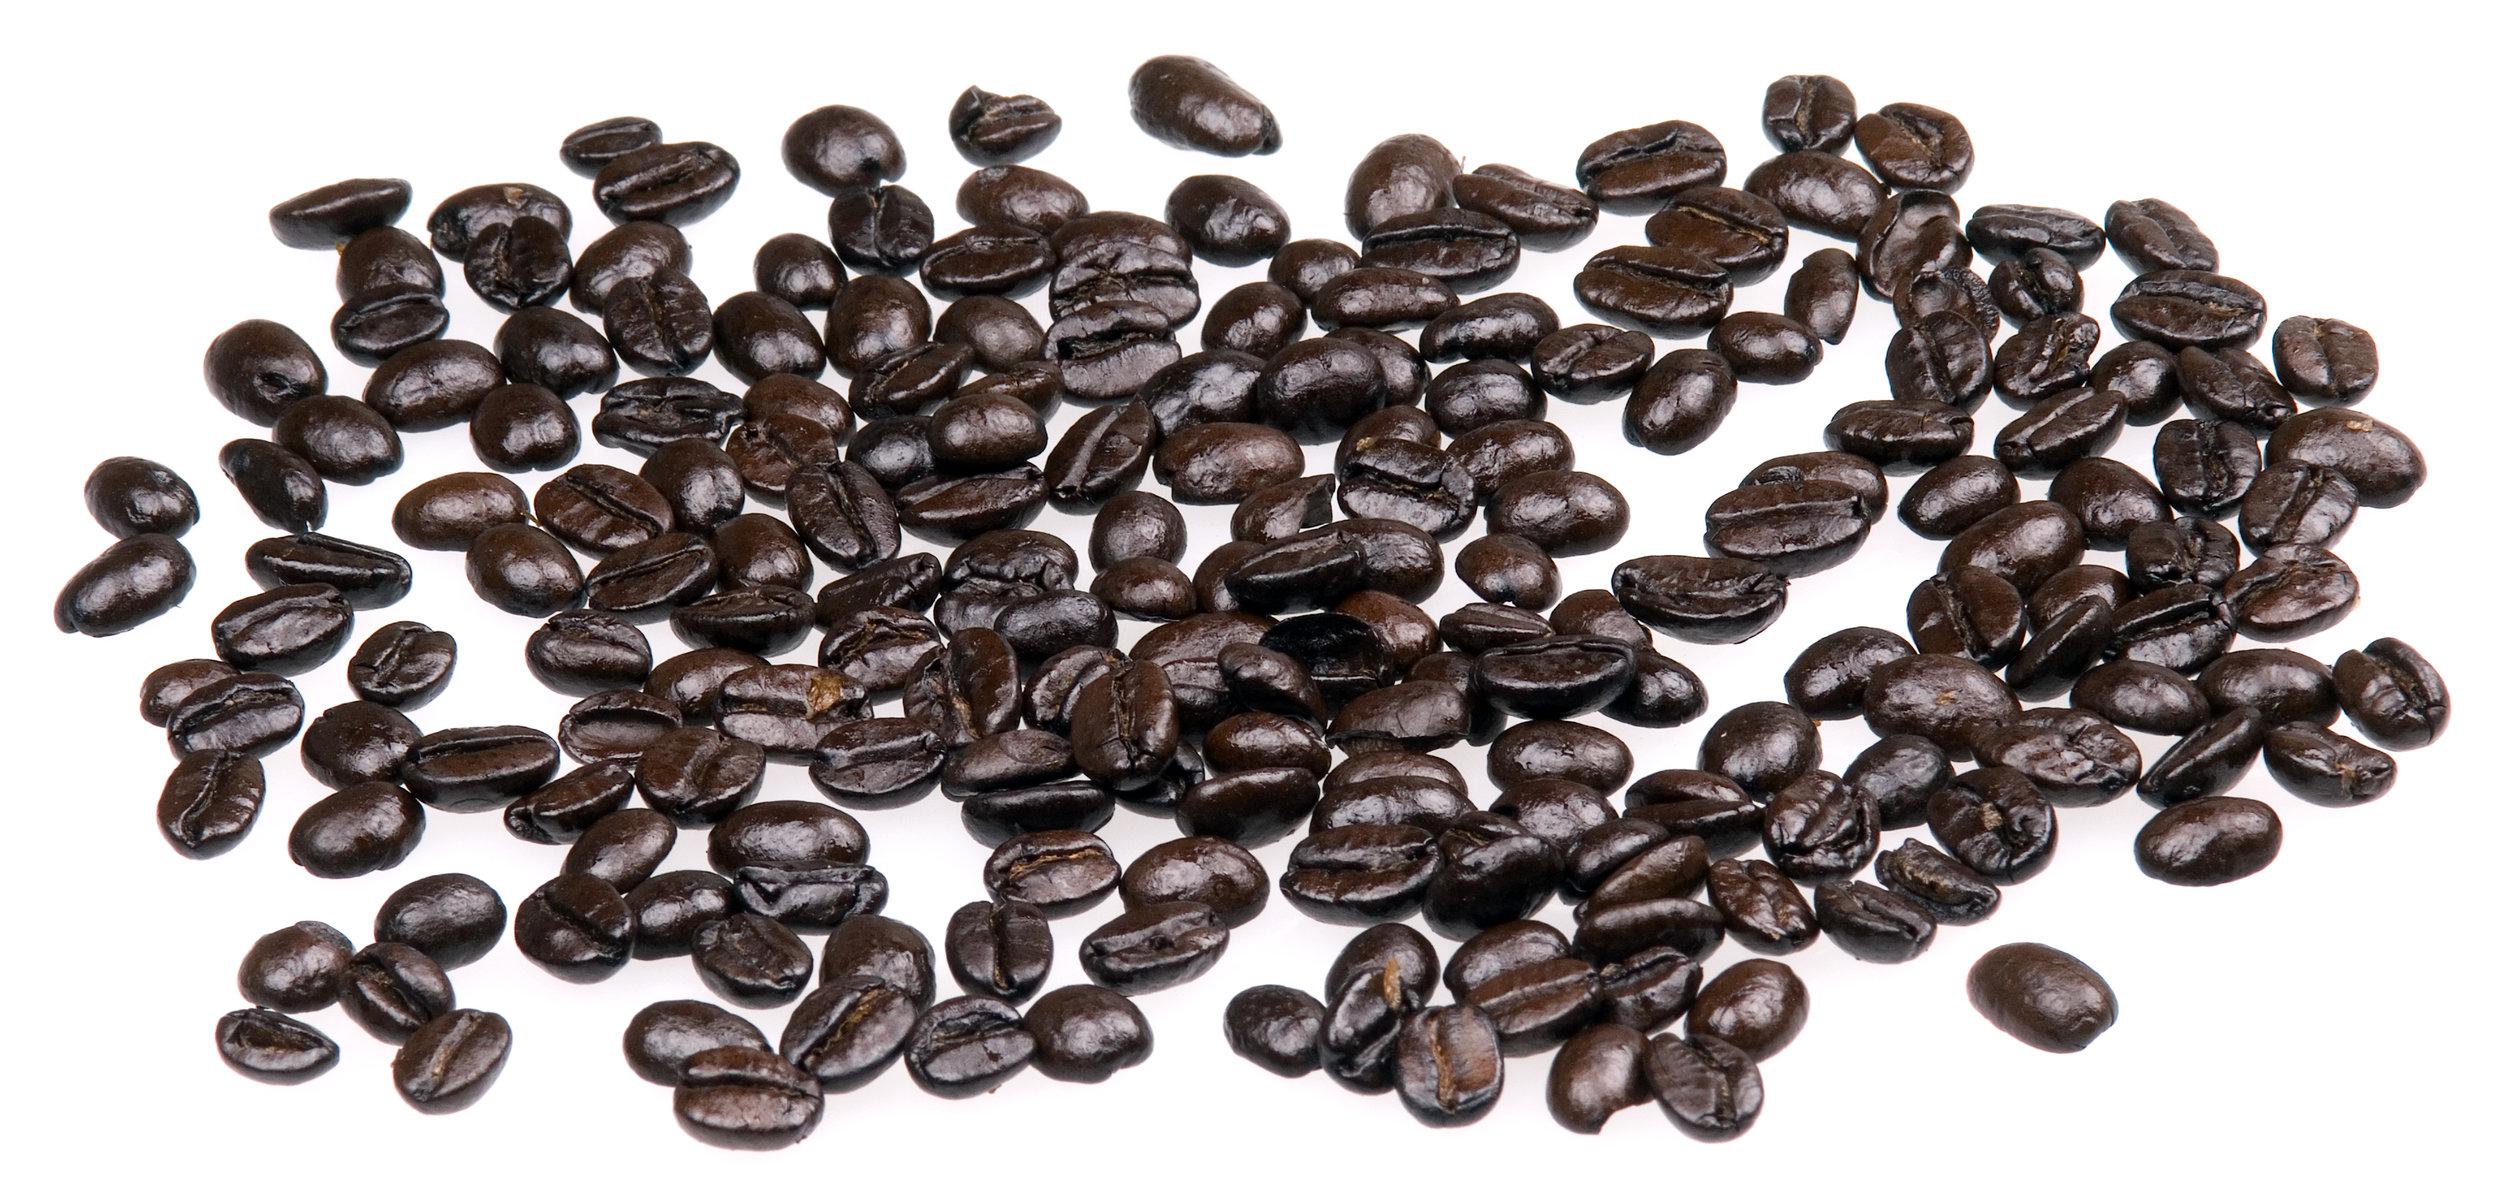 Beans stock photo 1.jpg